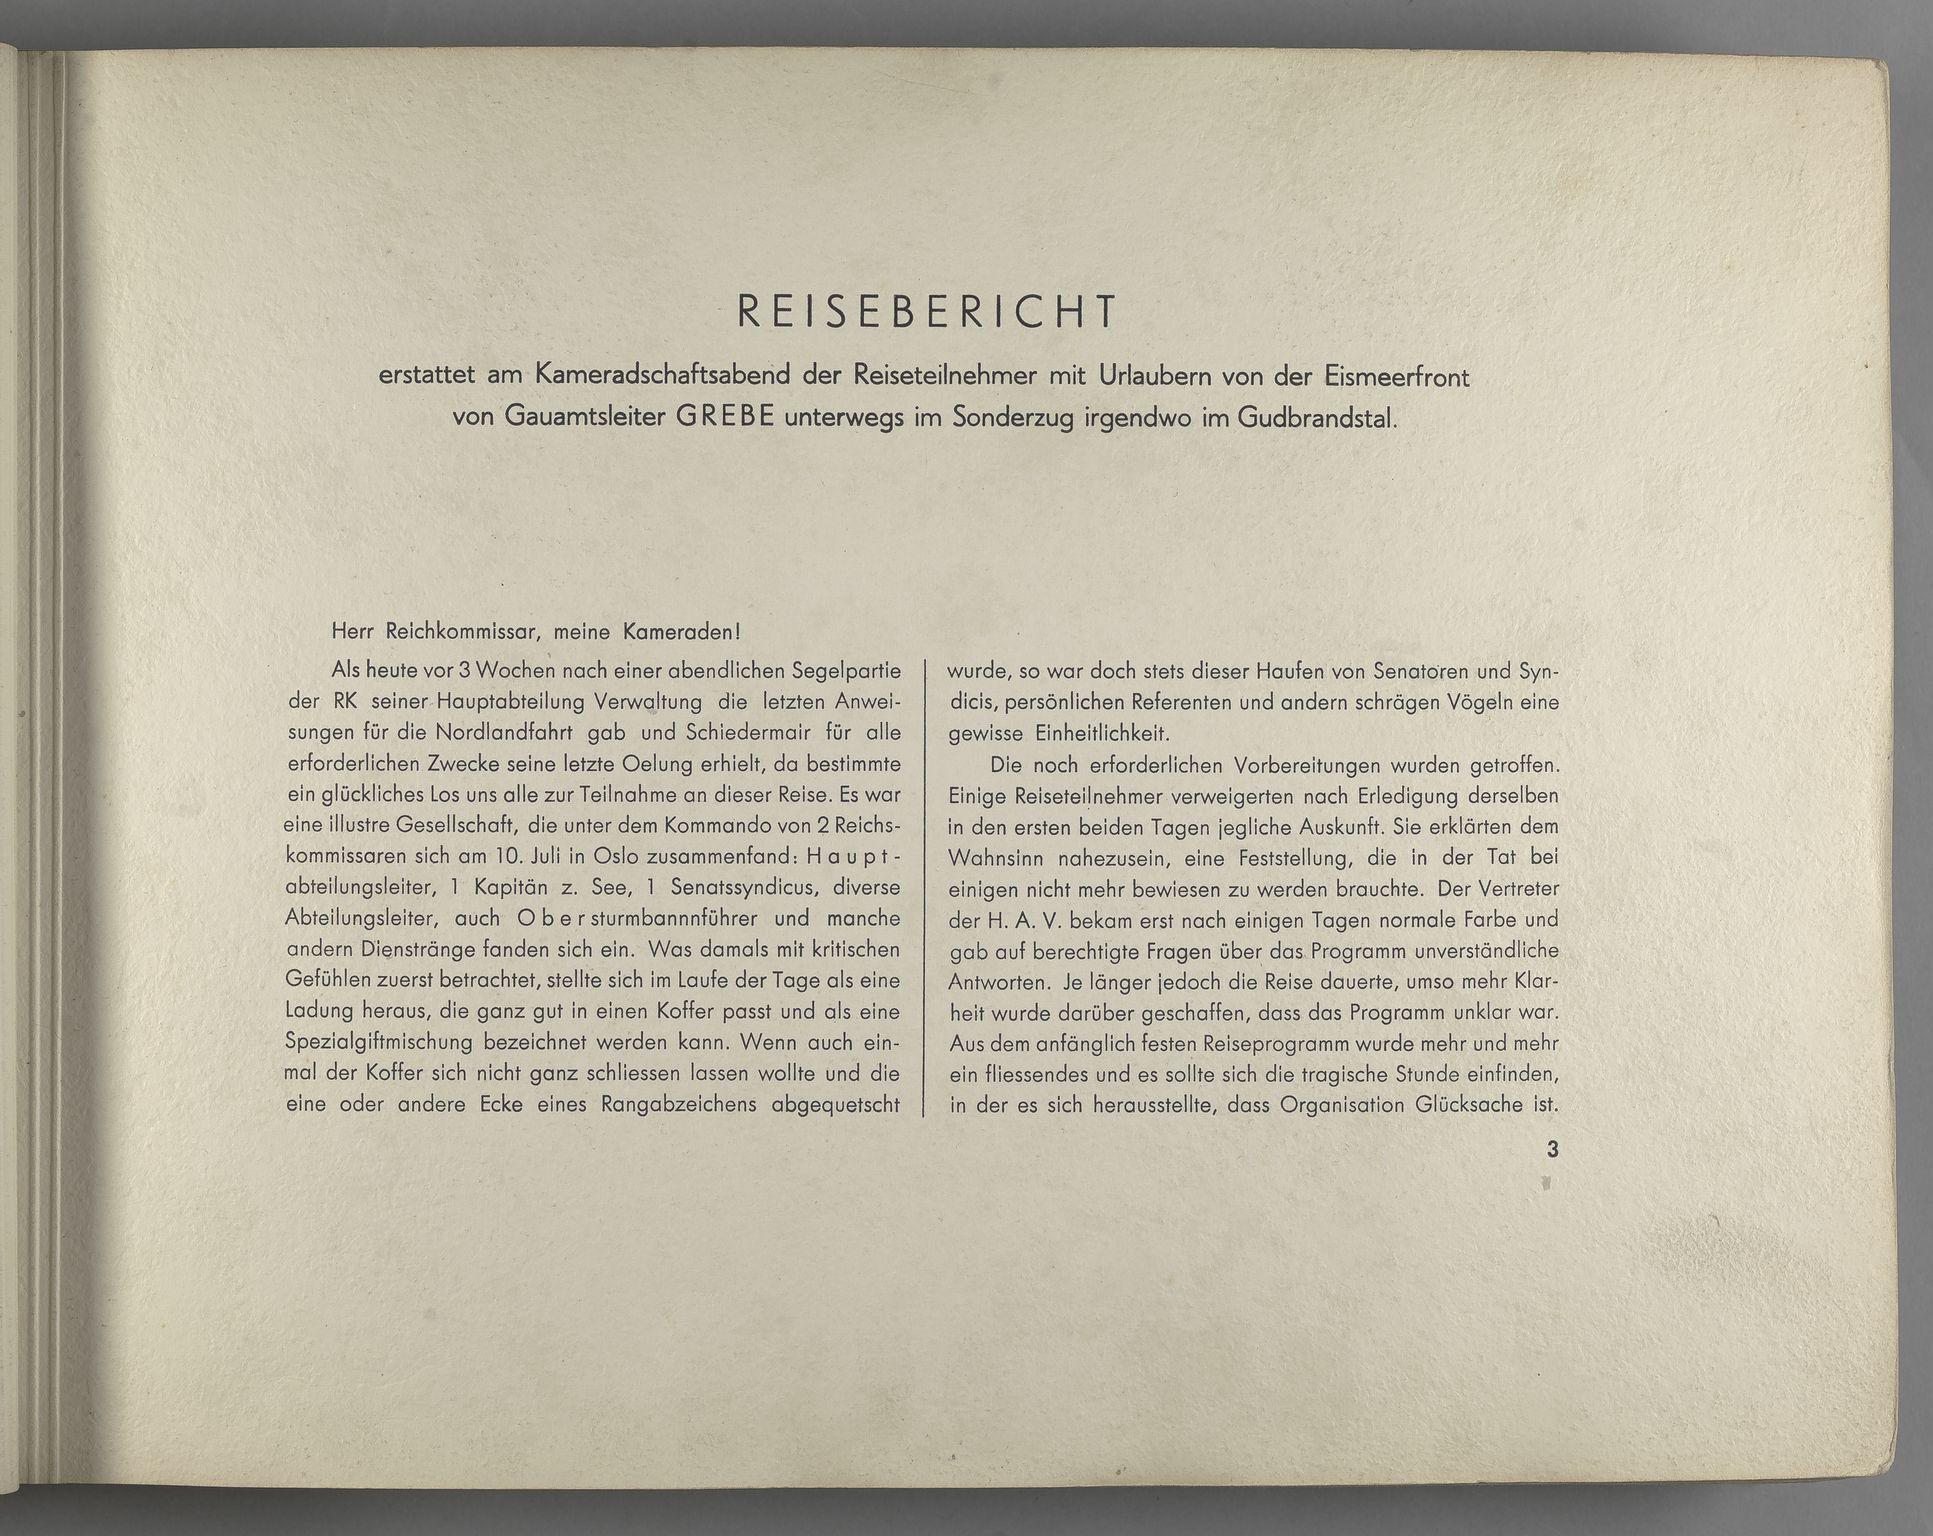 RA, Tyske arkiver, Reichskommissariat, Bildarchiv, U/L0071: Fotoalbum: Mit dem Reichskommissar nach Nordnorwegen und Finnland 10. bis 27. Juli 1942, 1942, s. 3